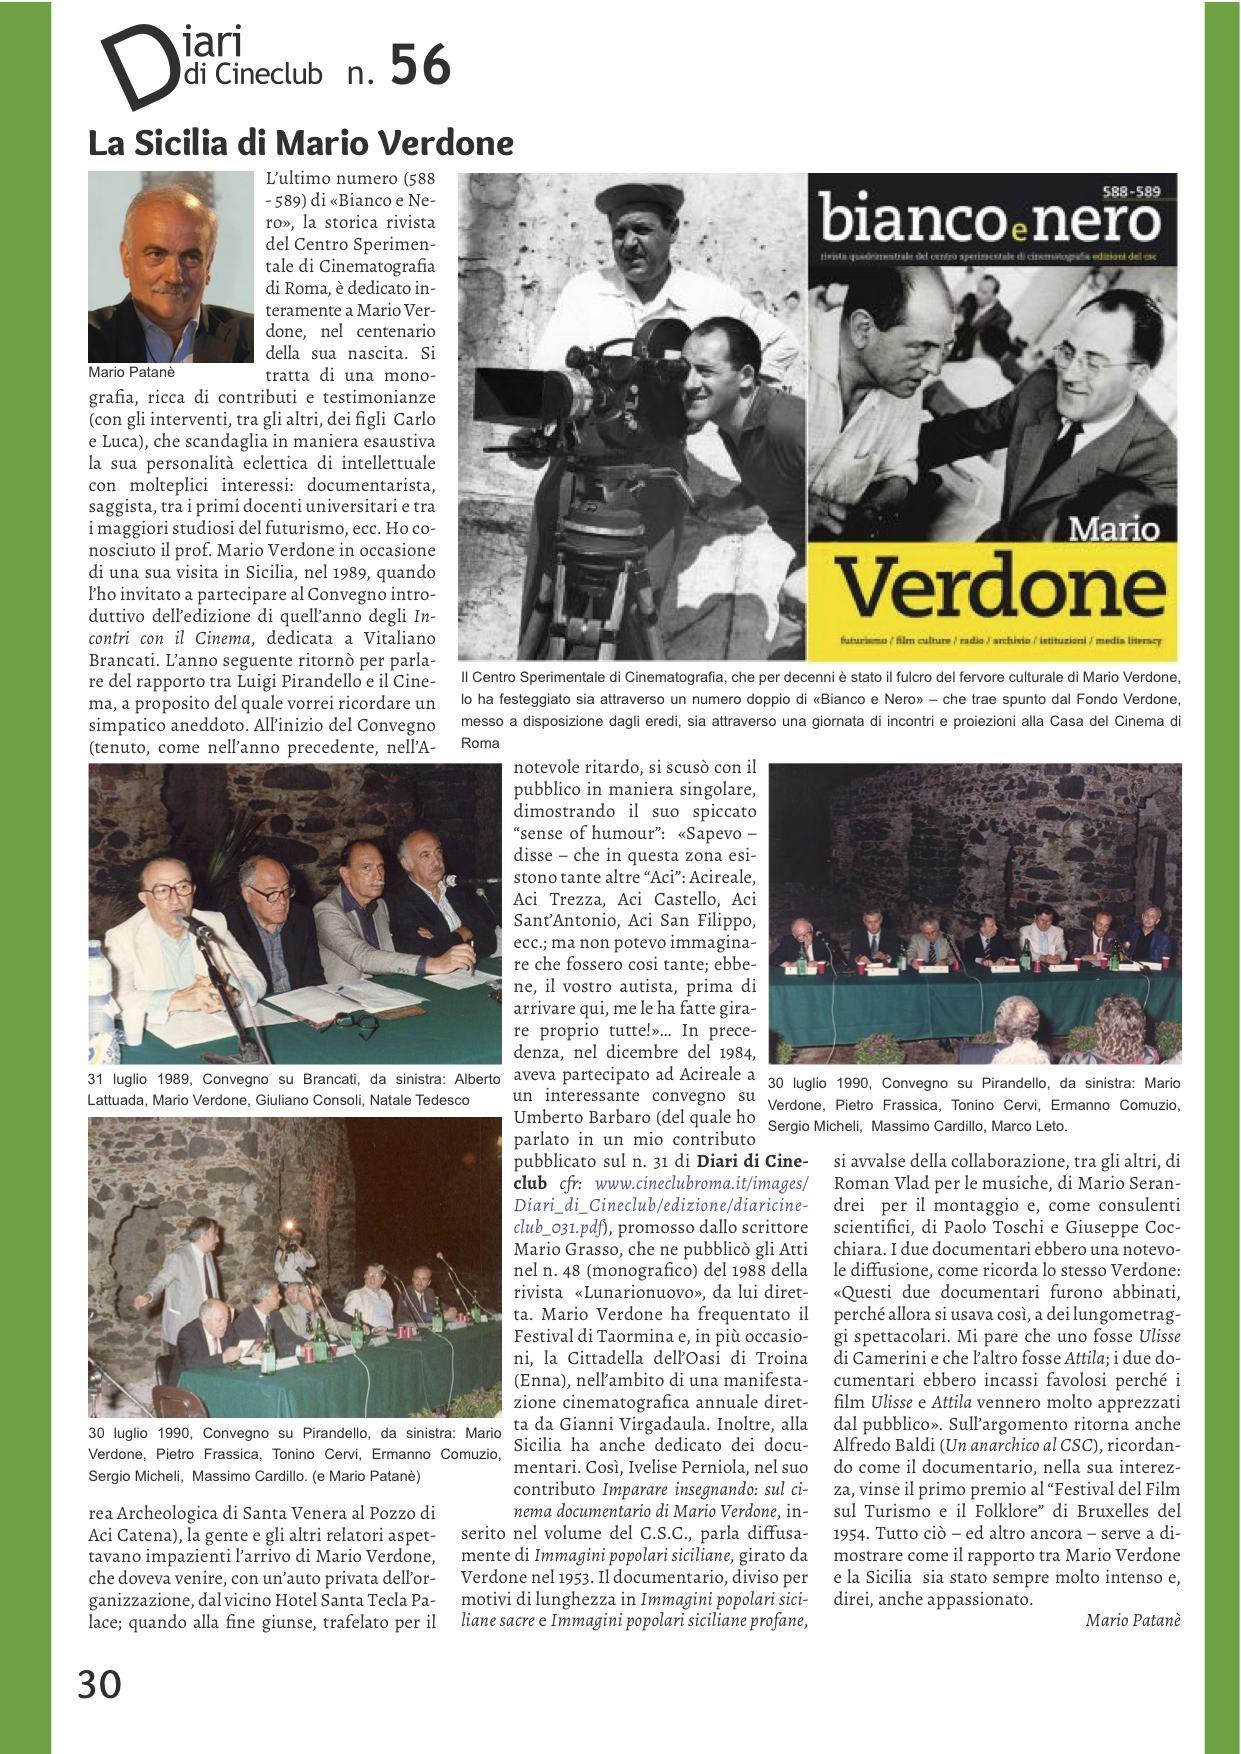 diaricineclub_056-trascinato